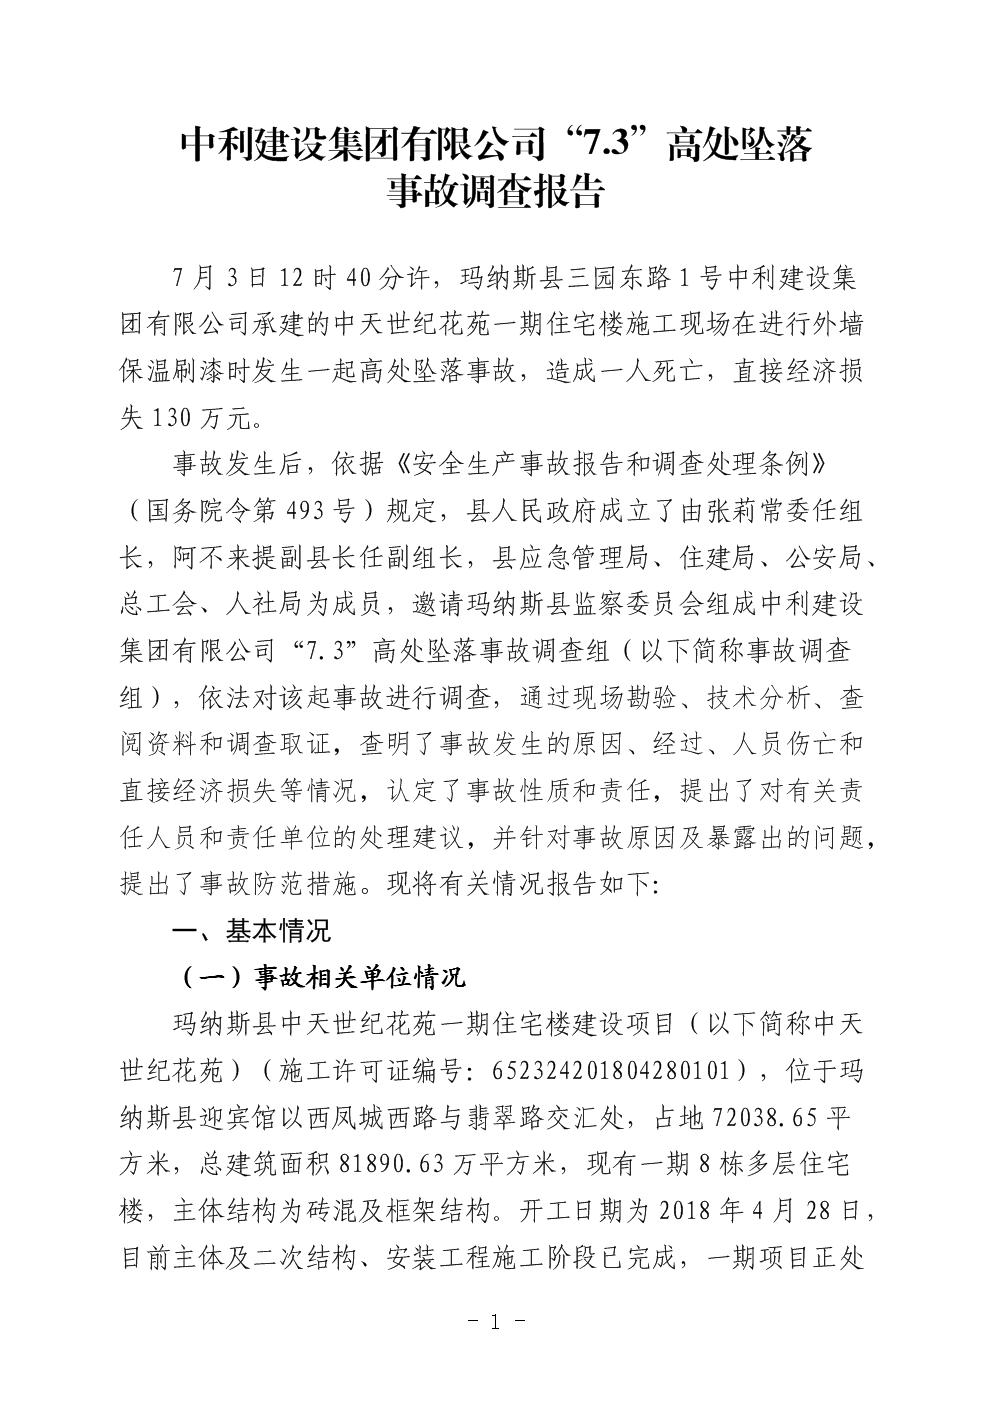 中利建设集团有限公司7.3高处坠落 事故调查报告.doc